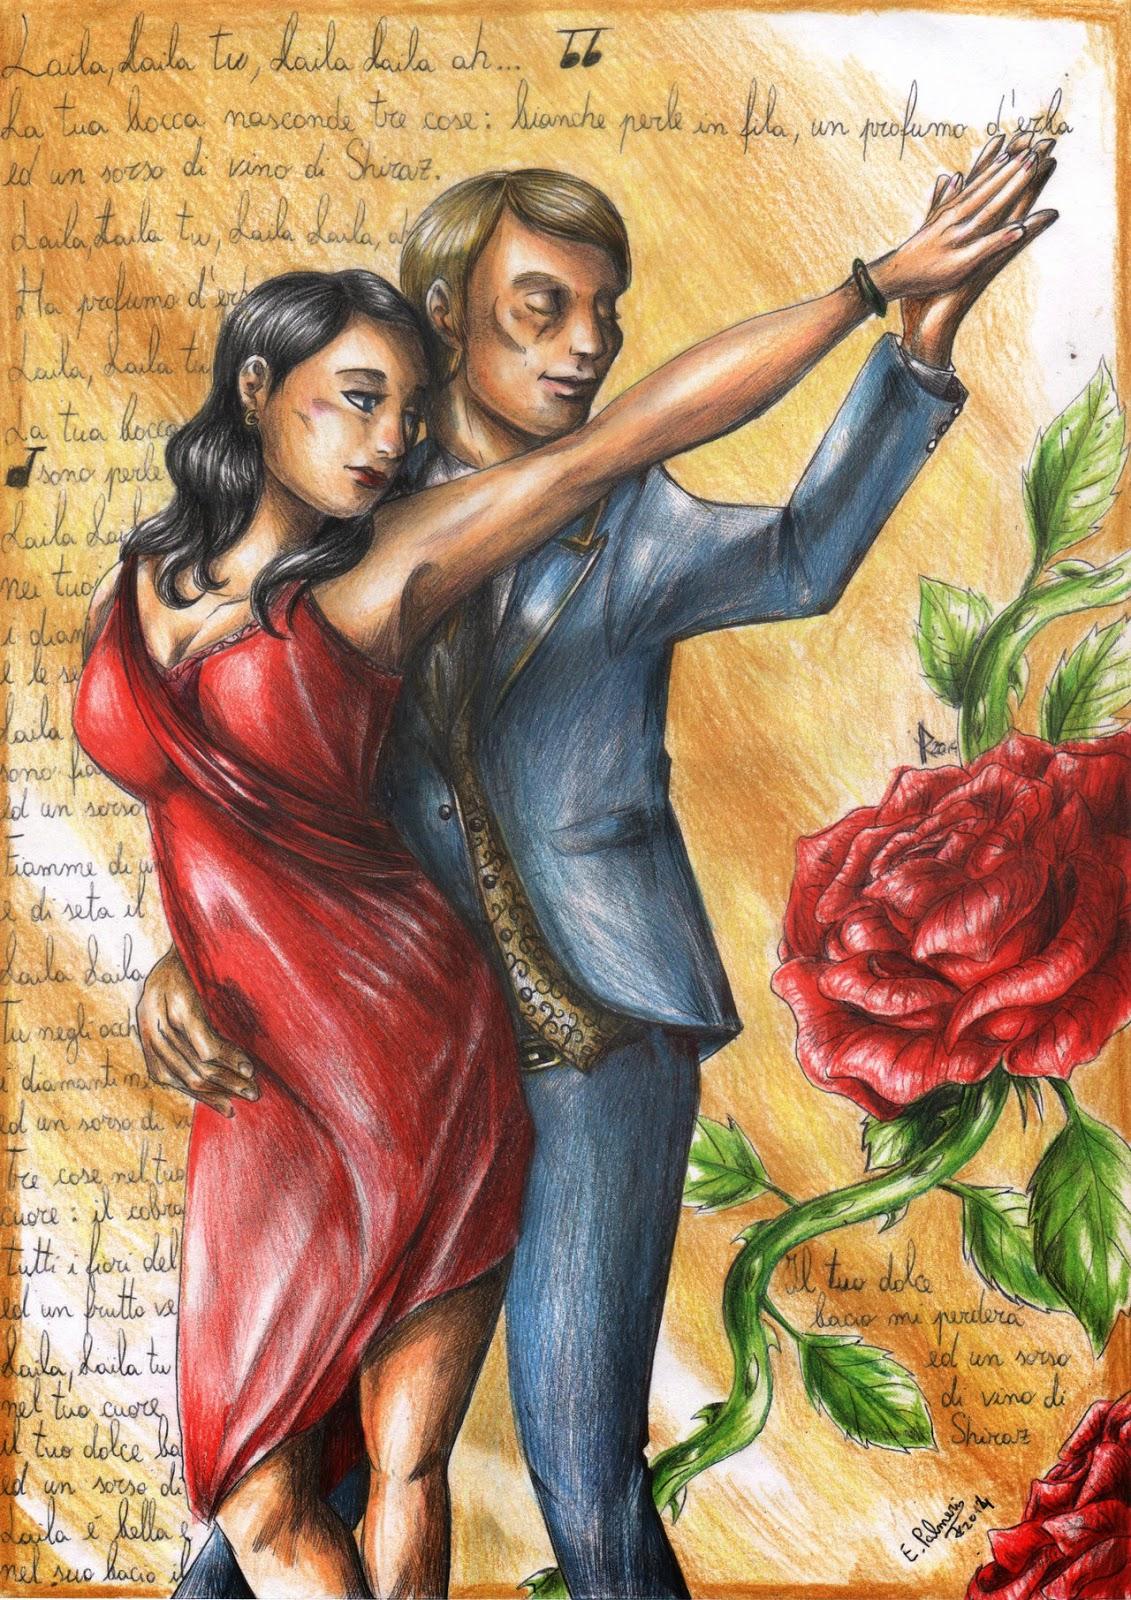 http://furiarossaandmimma.deviantart.com/art/Hannibal-Dancing-433088343